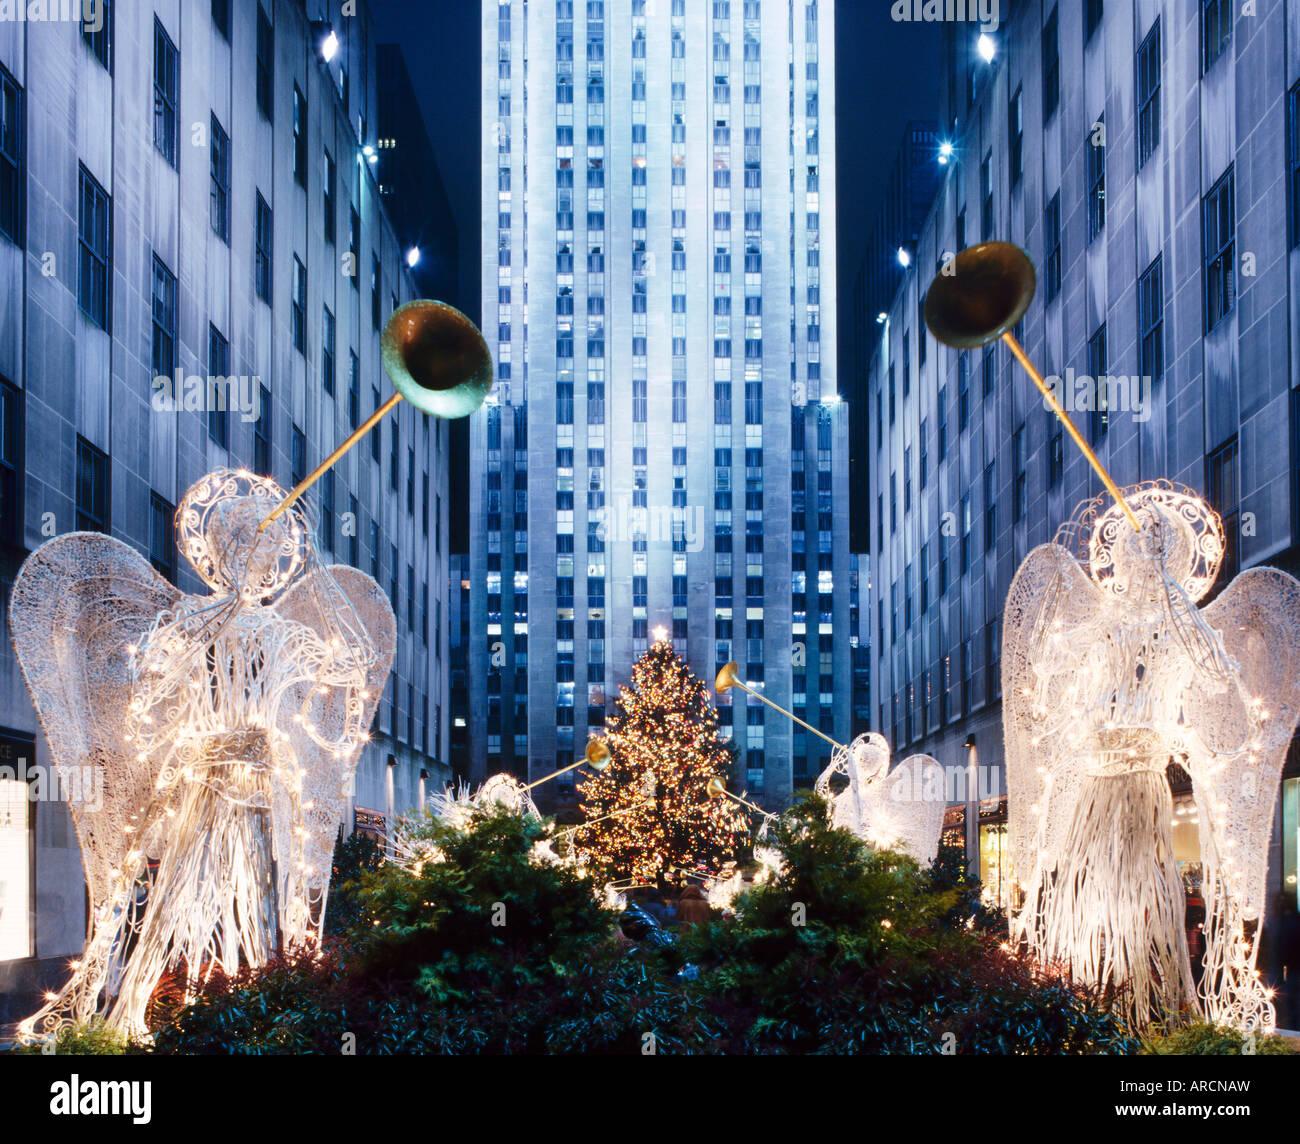 Angeli al Rockfeller Center, decorato per il Natale, New York City, Stati Uniti d'America Immagini Stock